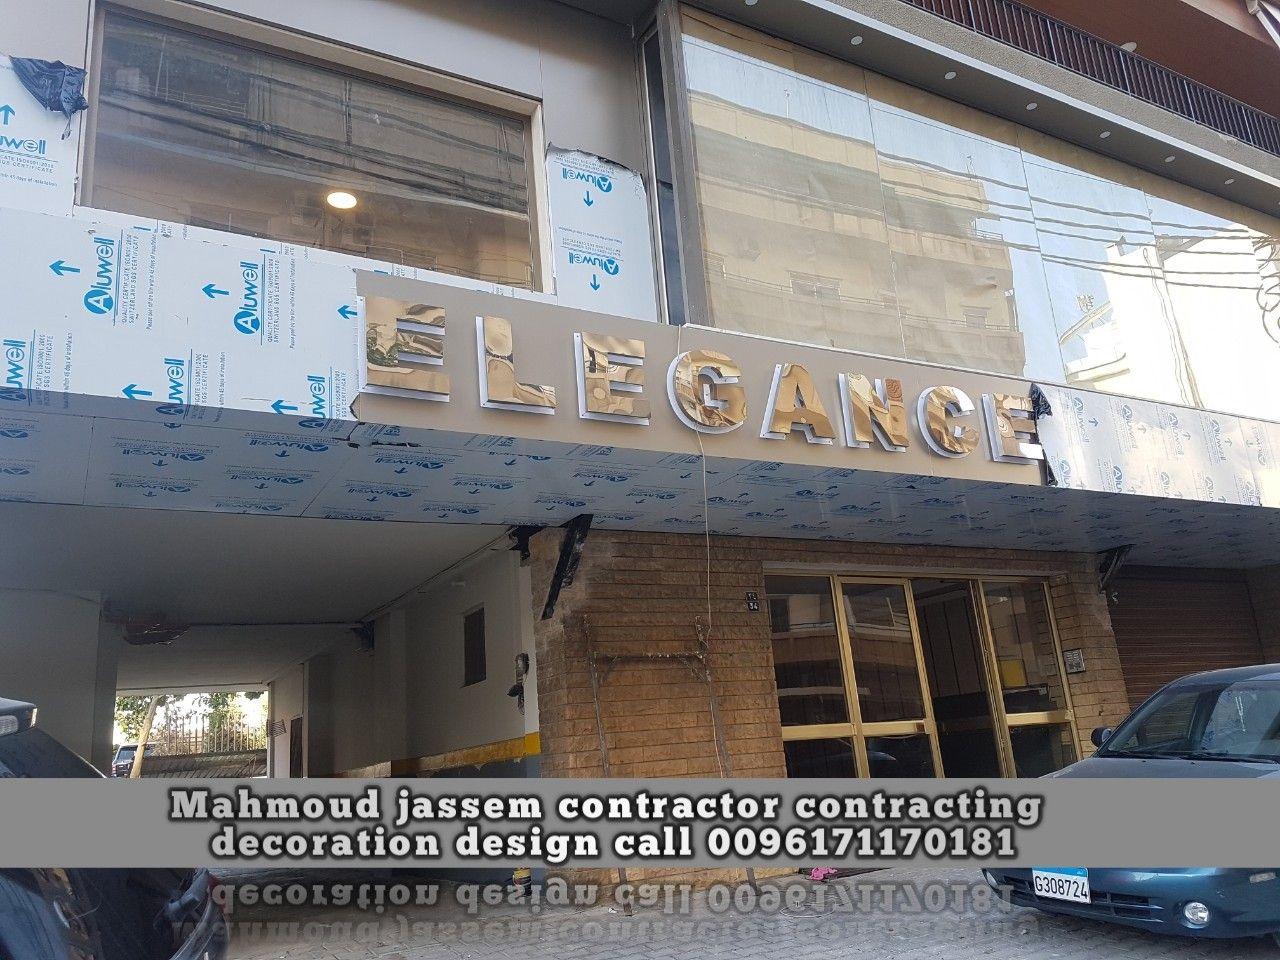 Signage Design Signe Design Sign Design Alcobond Design Stainless Steel Signage Sign Design Signage Decor Design